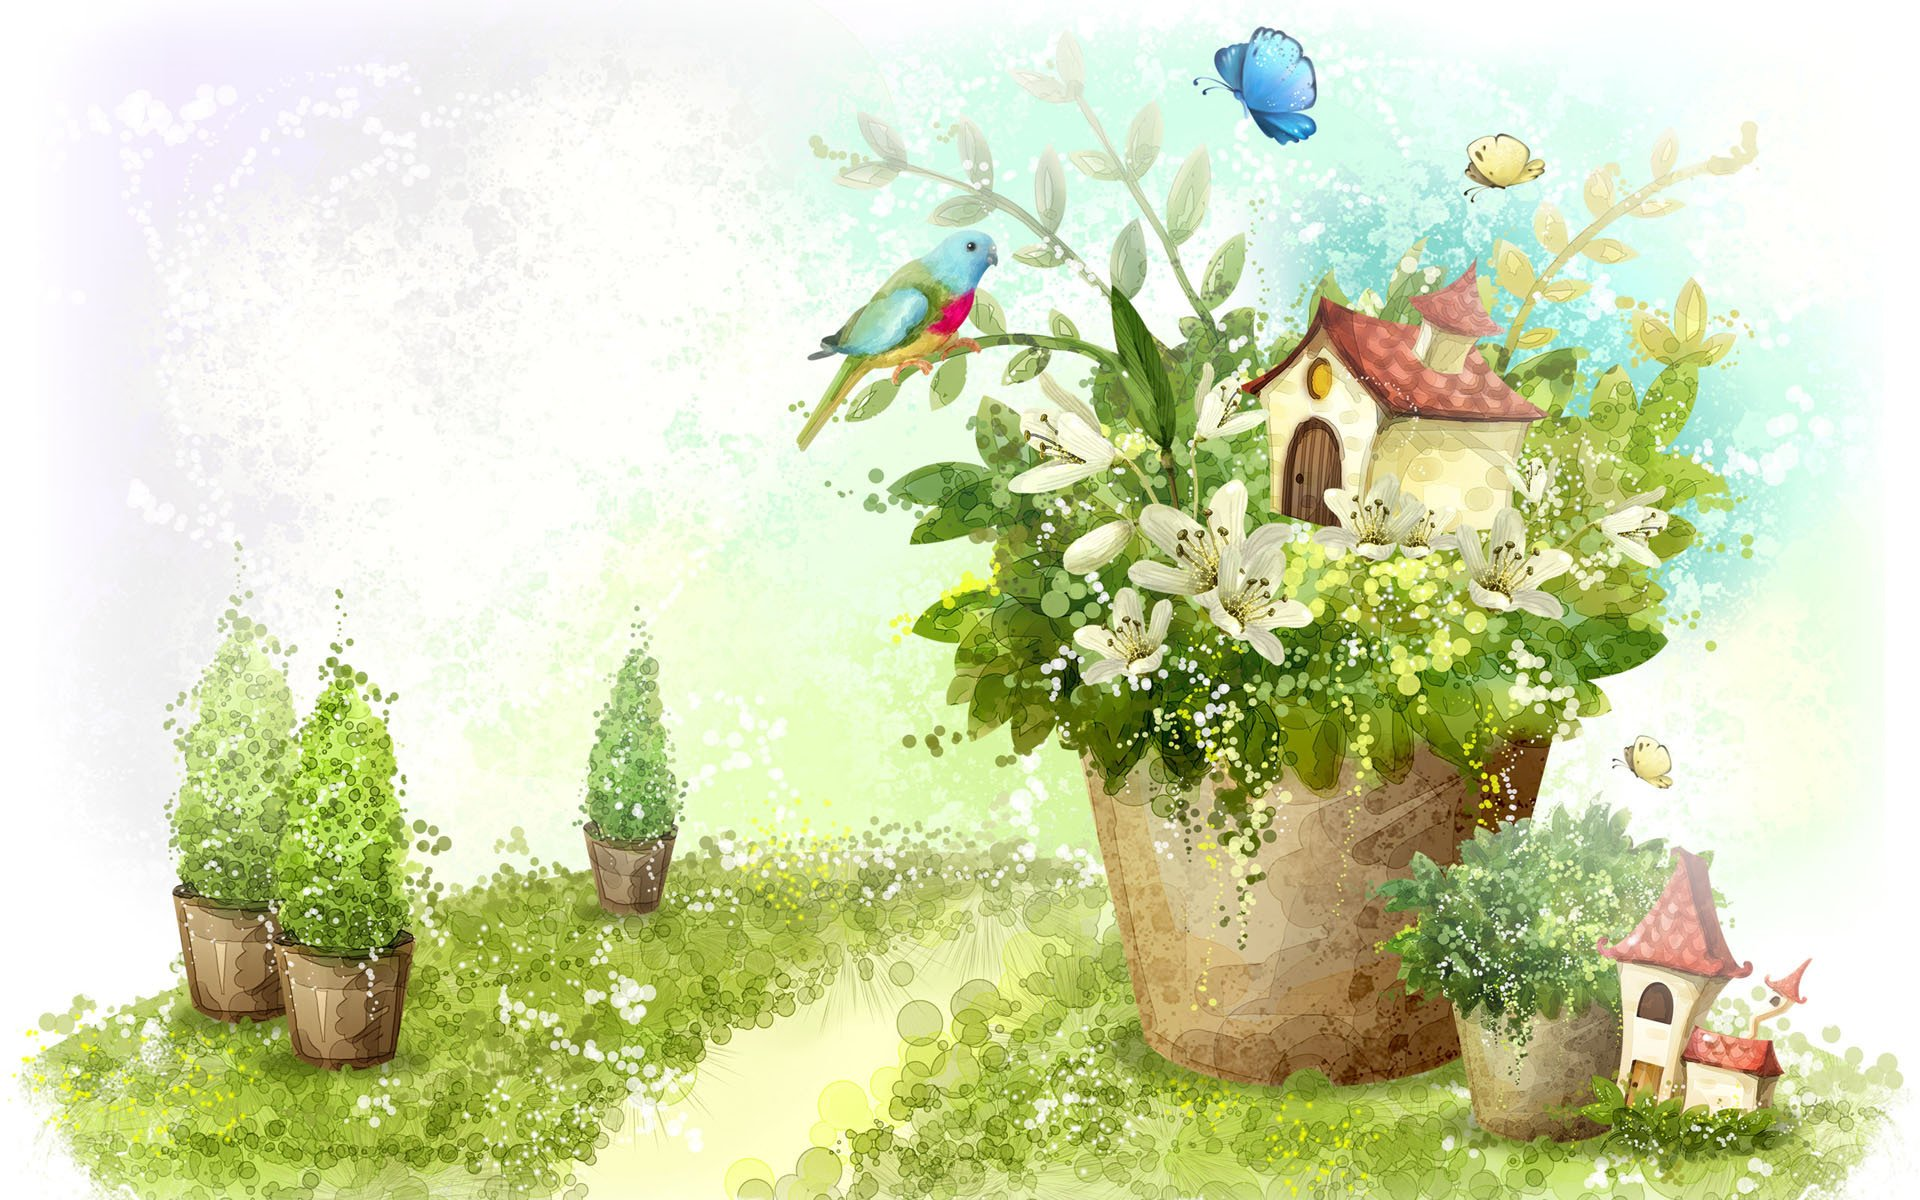 Дышу тобой, детская открытка весна